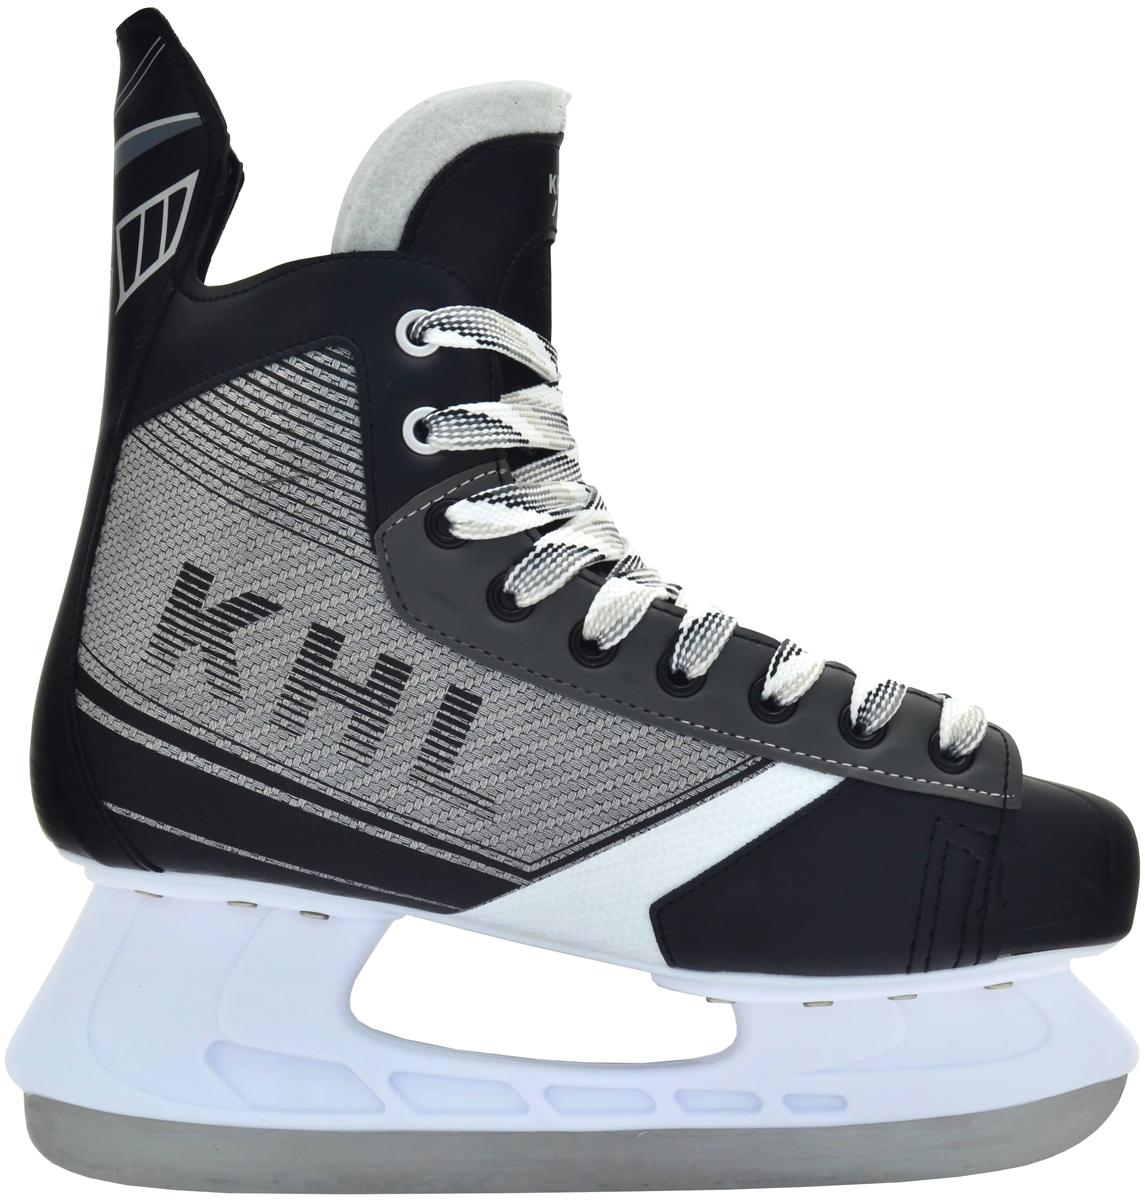 """Коньки хоккейные мужские KHL """"Hyper"""", цвет: серый, черный, белый. Размер 46"""